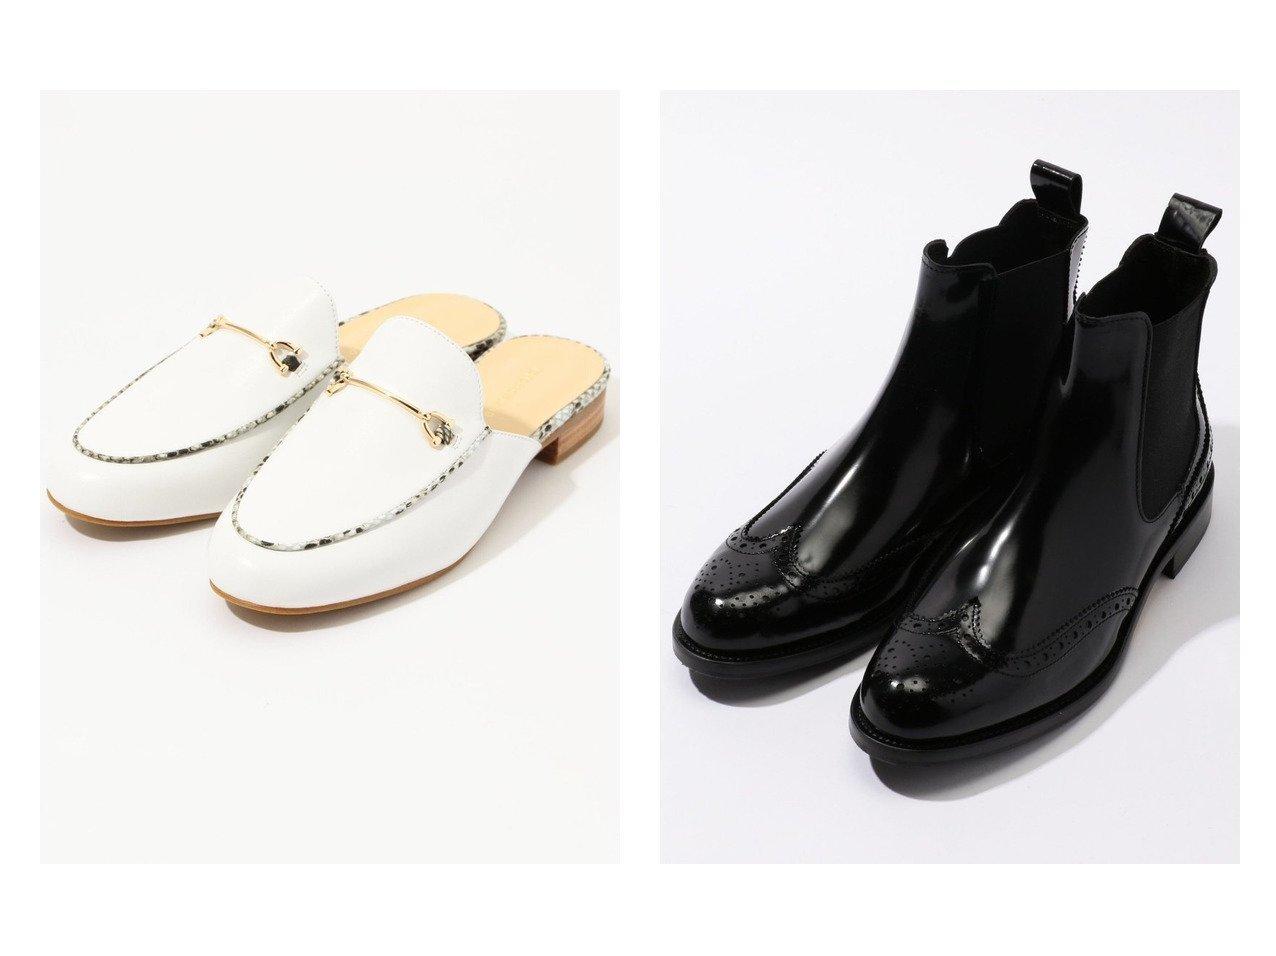 【TOMORROWLAND GOODs/トゥモローランド グッズ】のTOMORROWLAND サイドゴアメダリオンブーツ&TOMORROWLAND パイソンコンビローファースリッポン シューズ・靴のおすすめ!人気、トレンド・レディースファッションの通販  おすすめで人気の流行・トレンド、ファッションの通販商品 メンズファッション・キッズファッション・インテリア・家具・レディースファッション・服の通販 founy(ファニー) https://founy.com/ ファッション Fashion レディースファッション WOMEN NEW・新作・新着・新入荷 New Arrivals シューズ シンプル スリッポン トレンド パイソン フラット クラシック グラス スタンダード |ID:crp329100000010819